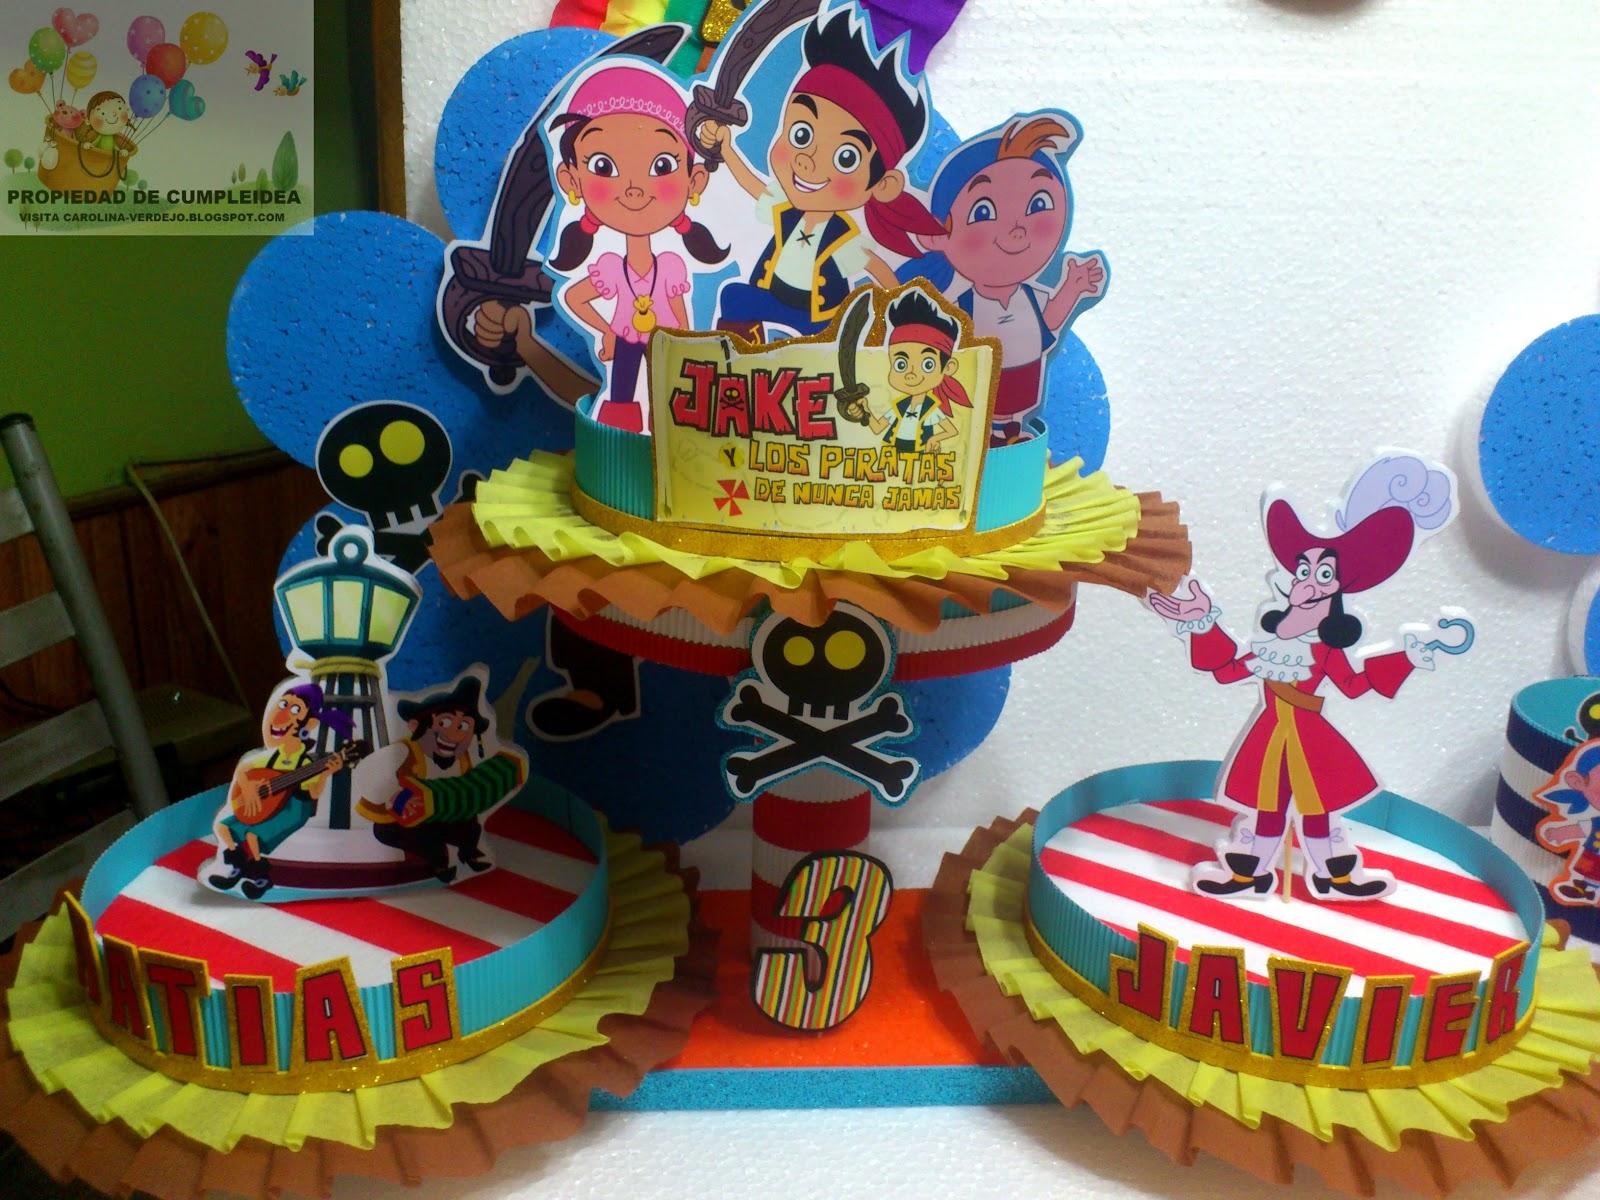 Decoraciones infantiles diciembre 2012 for Decoraciones infantiles